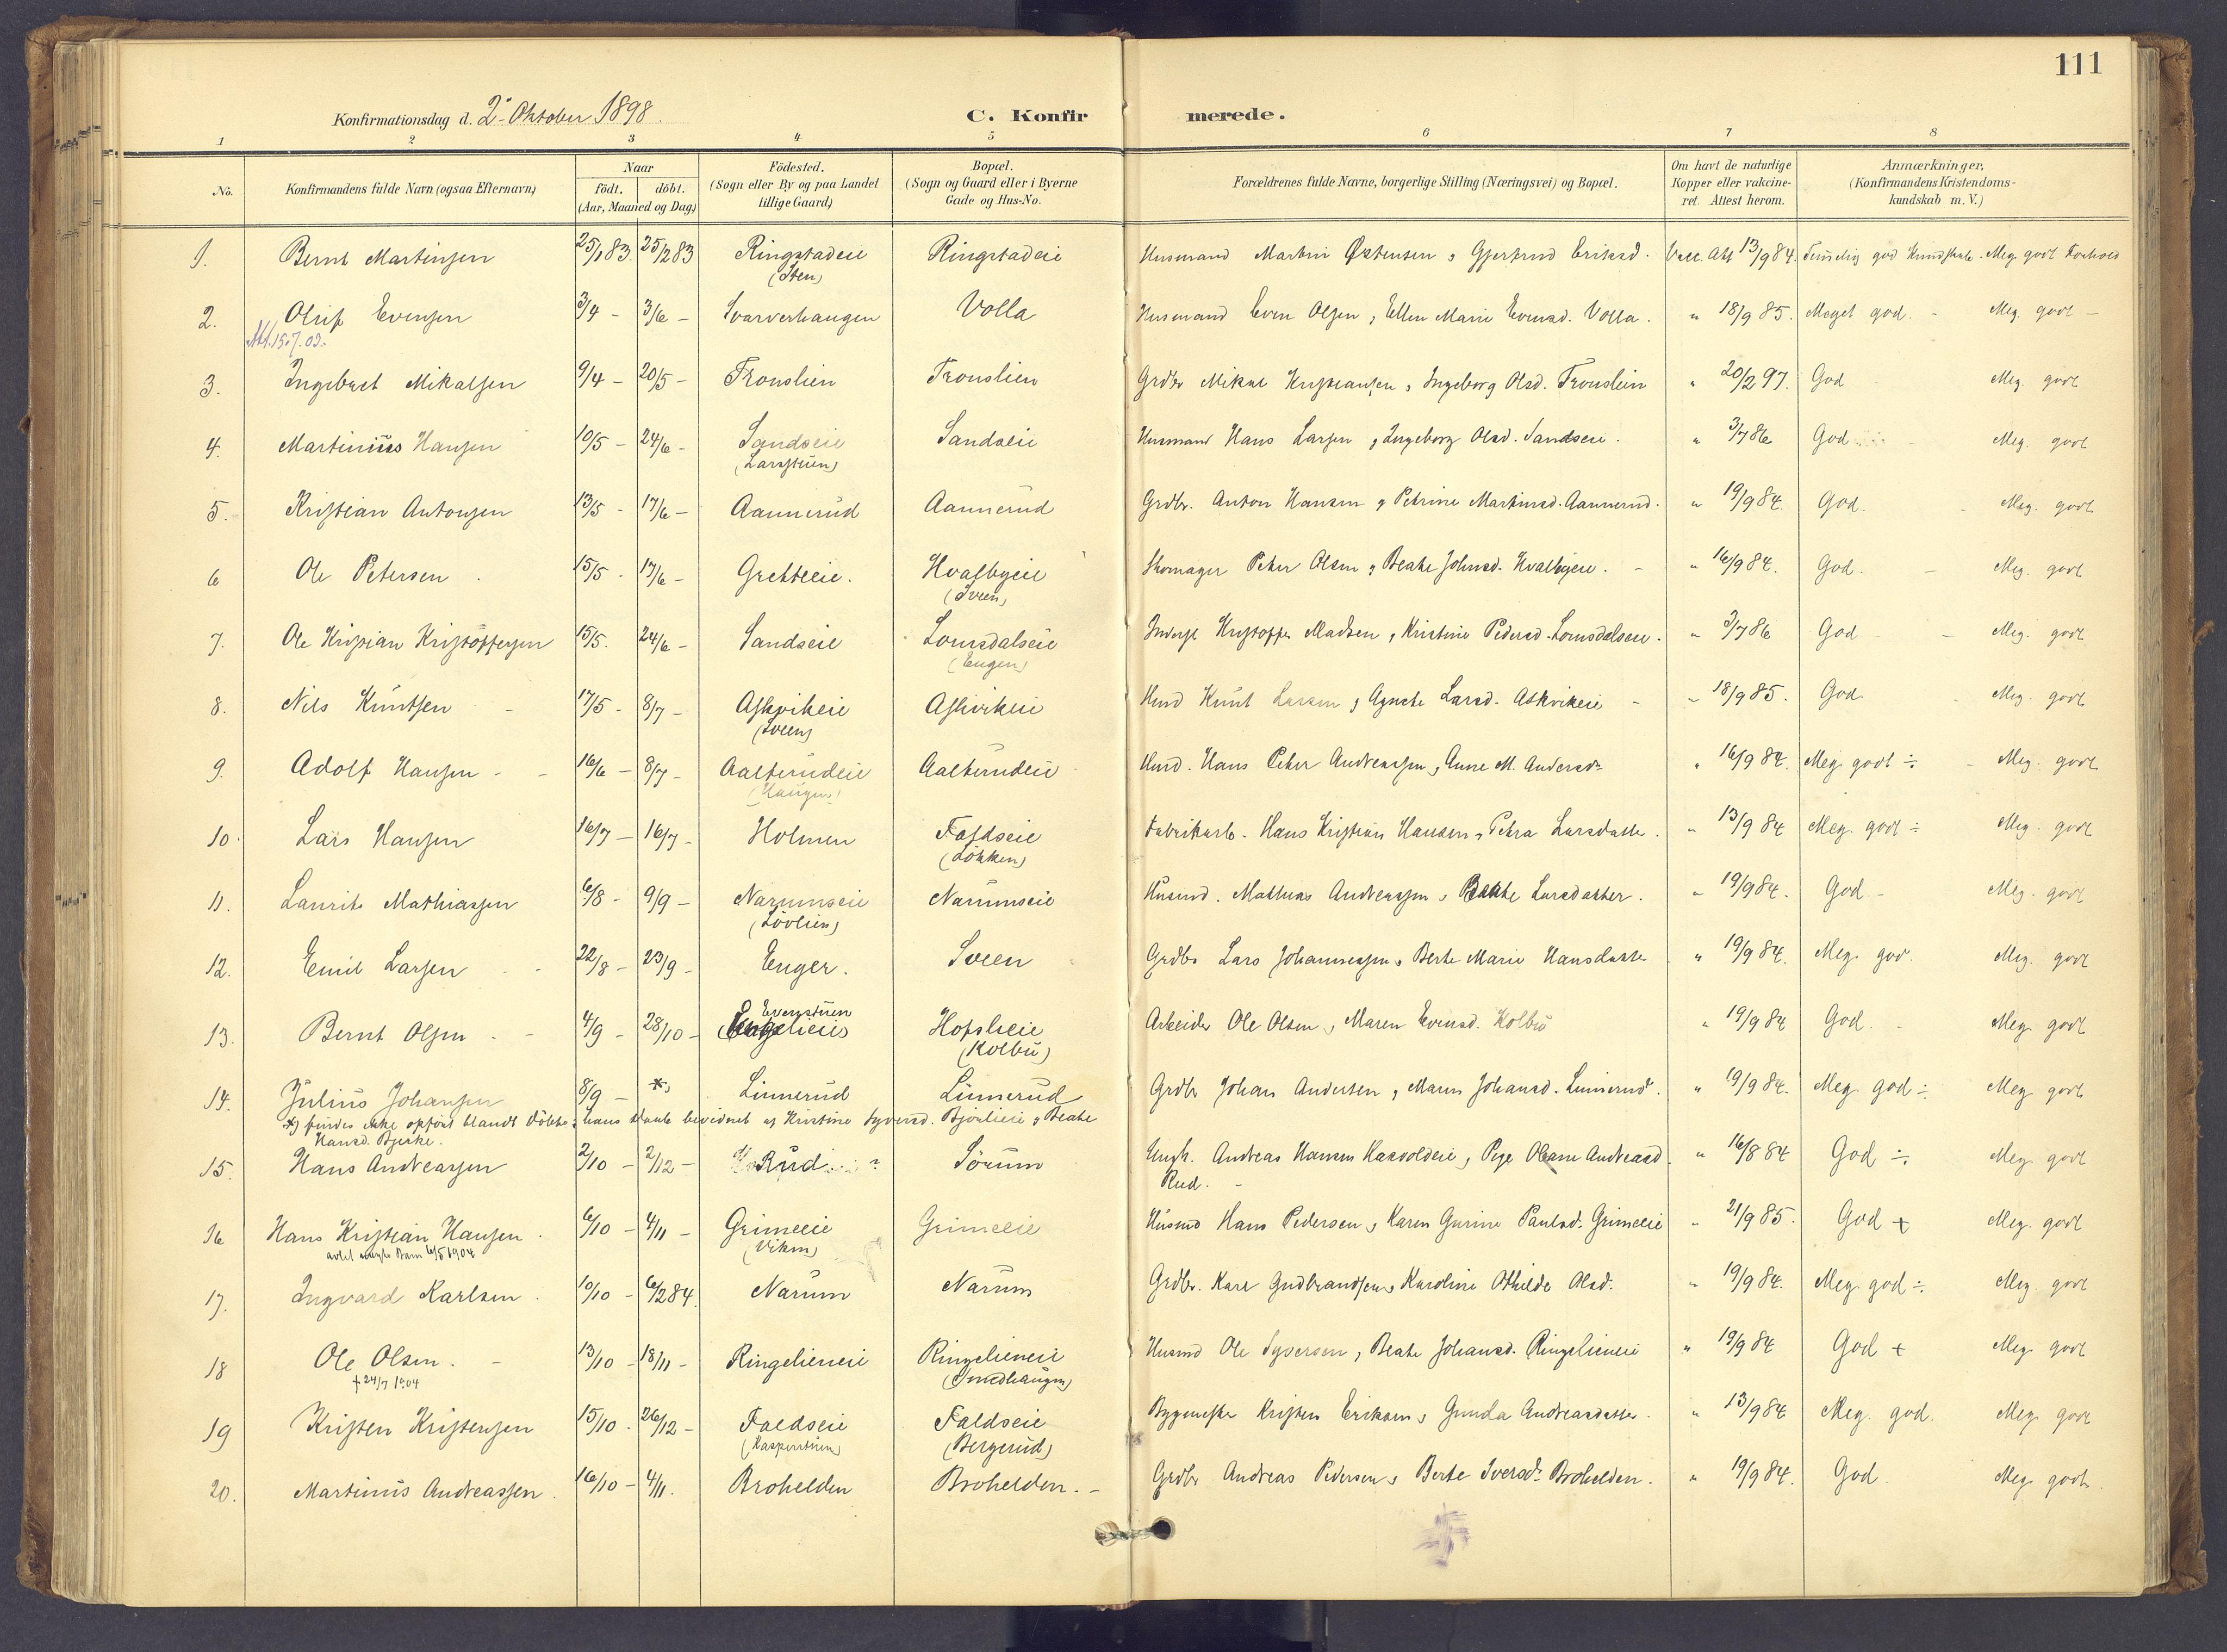 SAH, Søndre Land prestekontor, K/L0006: Ministerialbok nr. 6, 1895-1904, s. 111